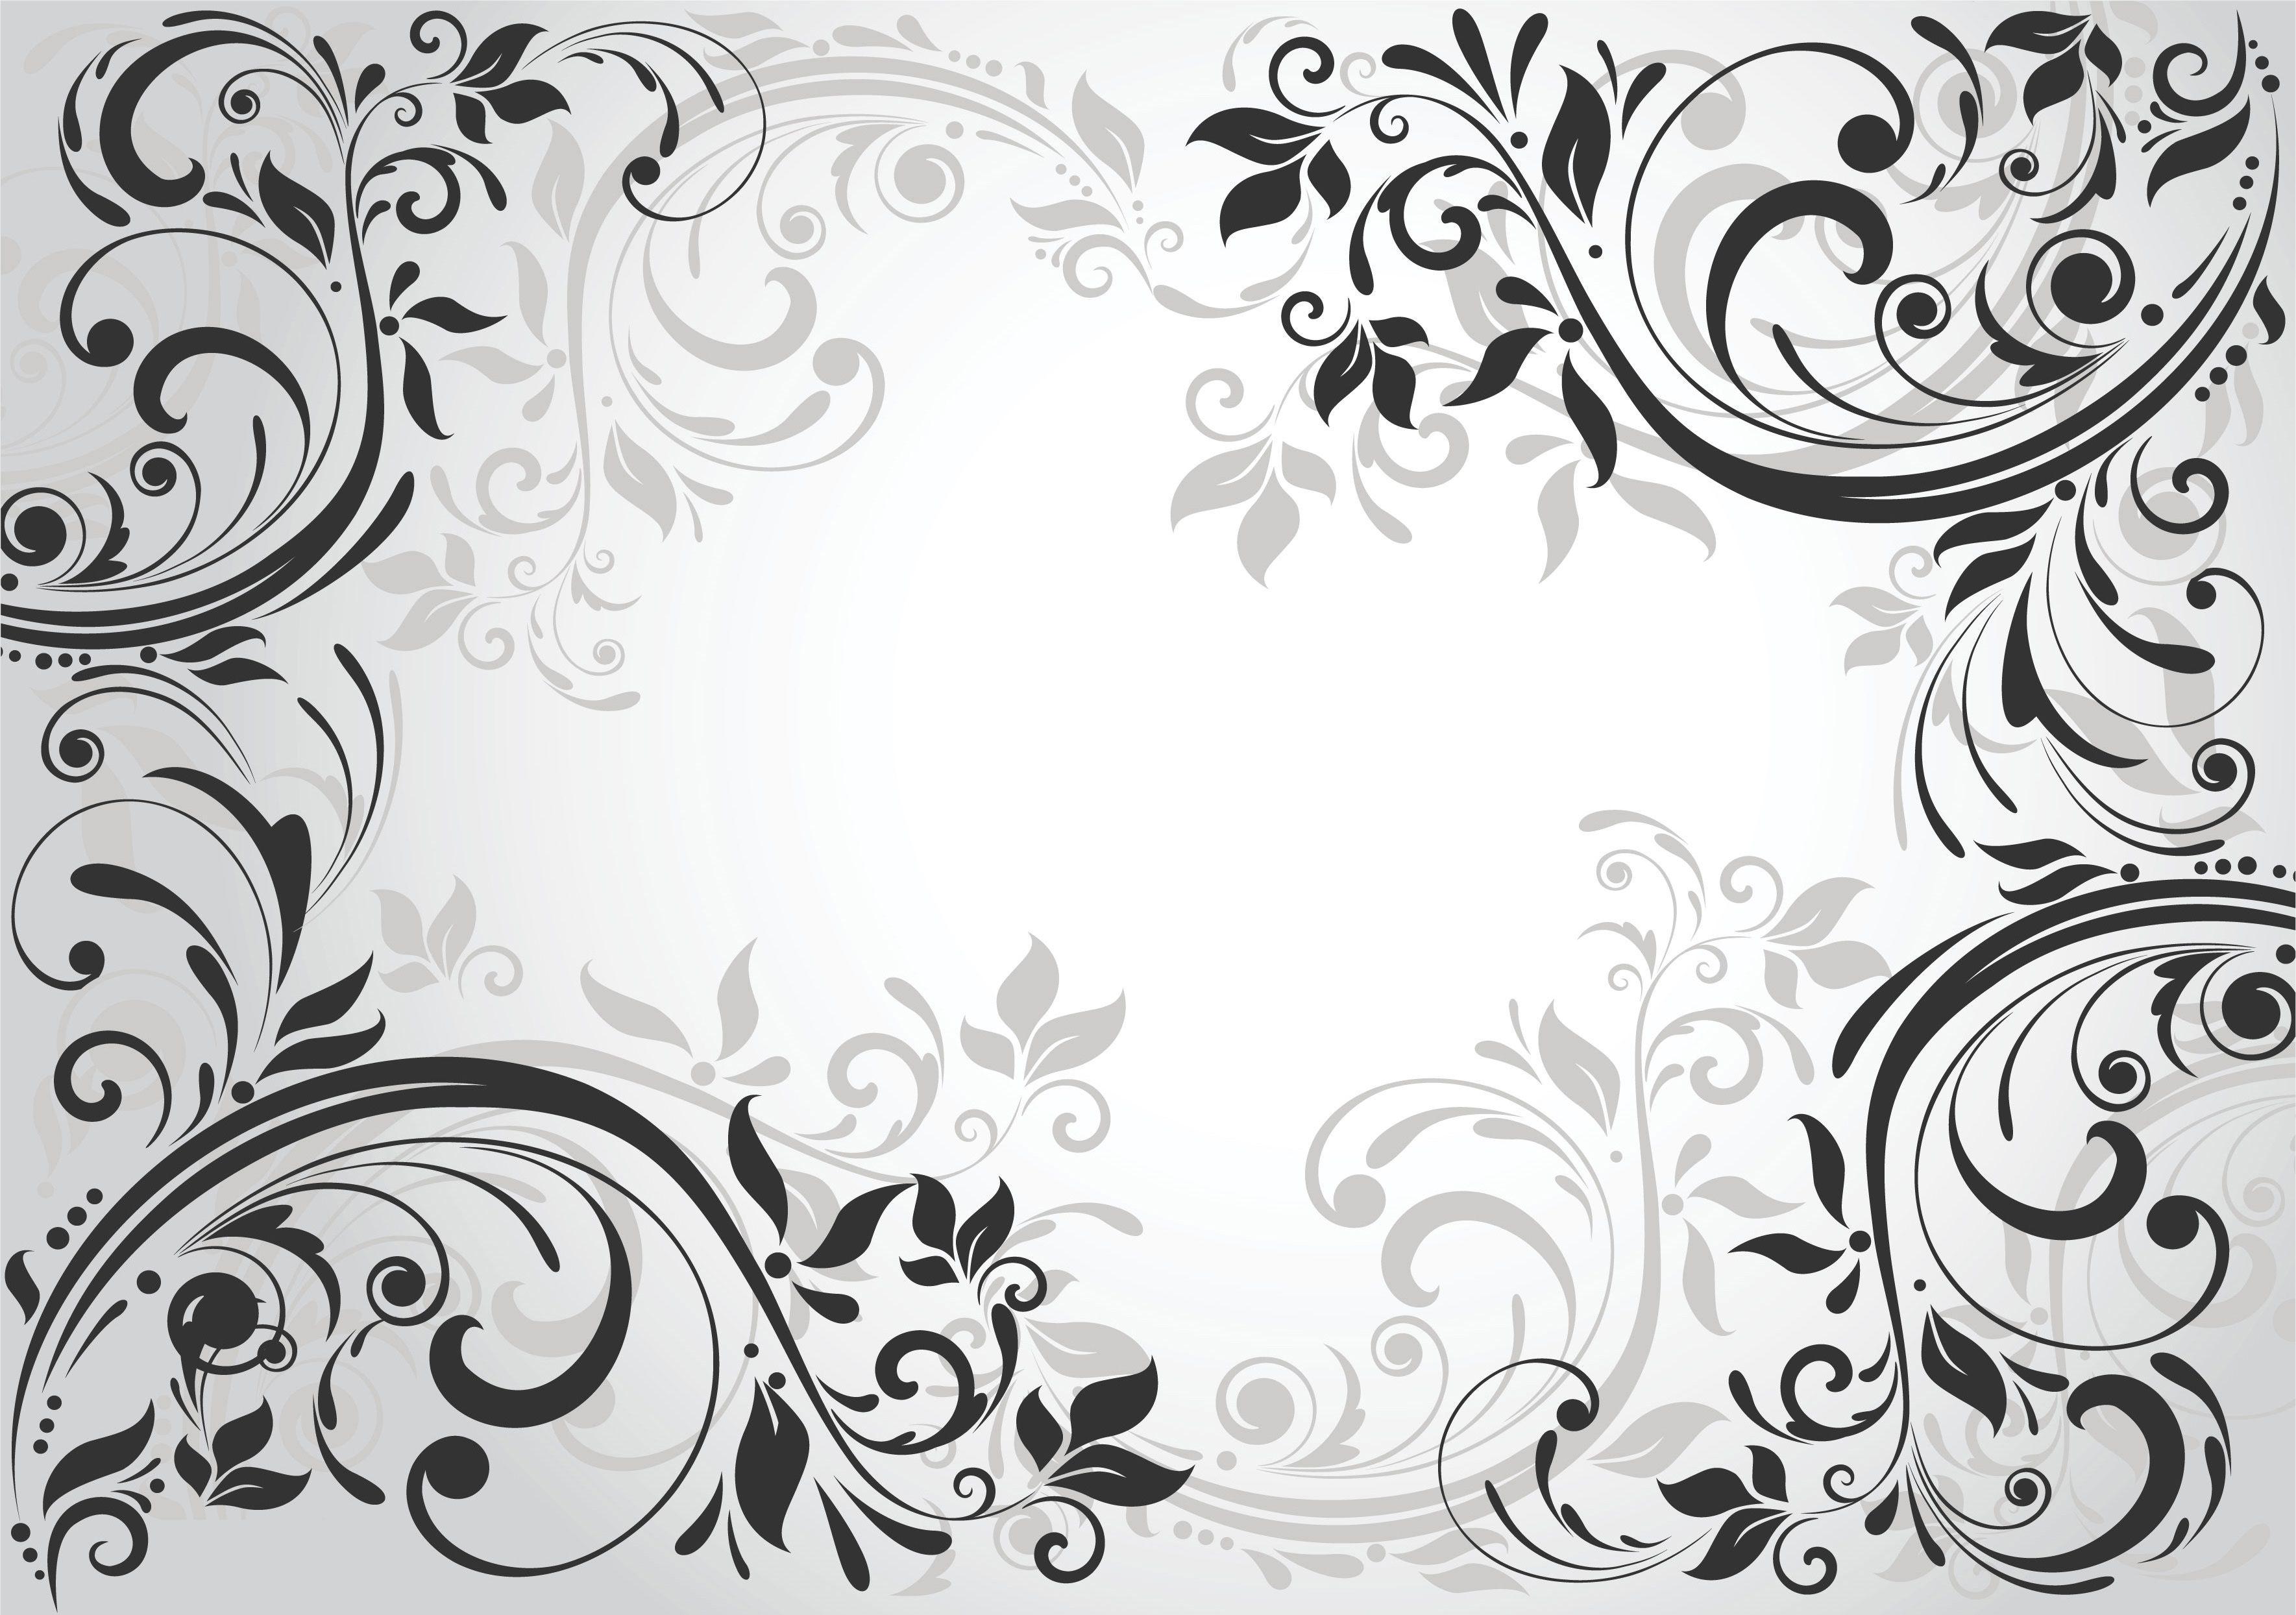 Картинка с узором на белом фоне, для детей